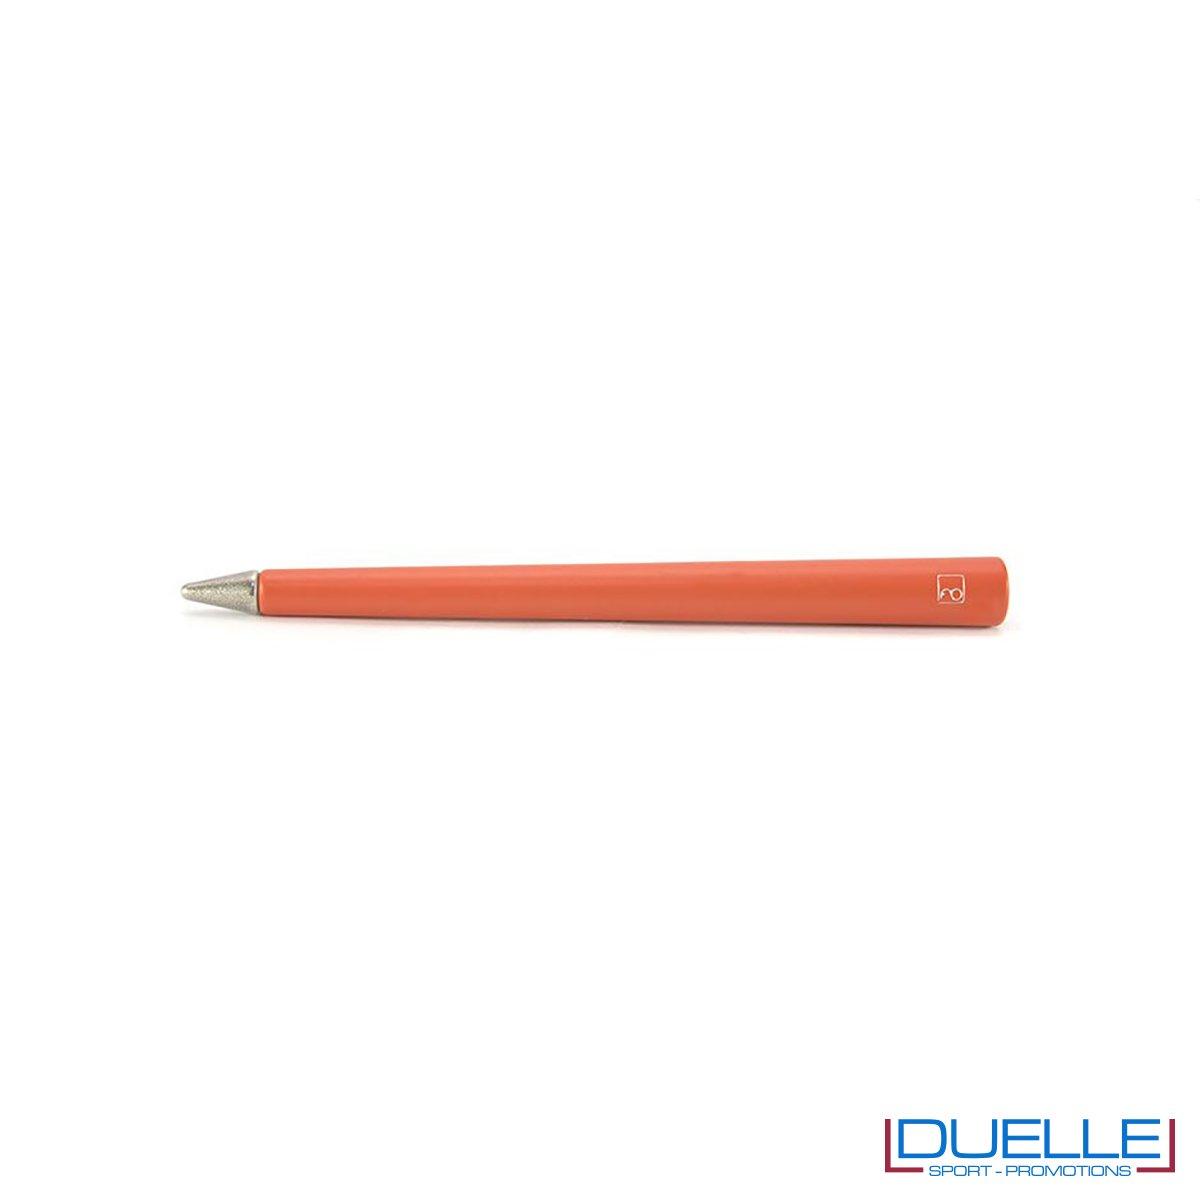 matita infinita personalizzata primina in colore rosso, regali aziendali personalizzabili rossi